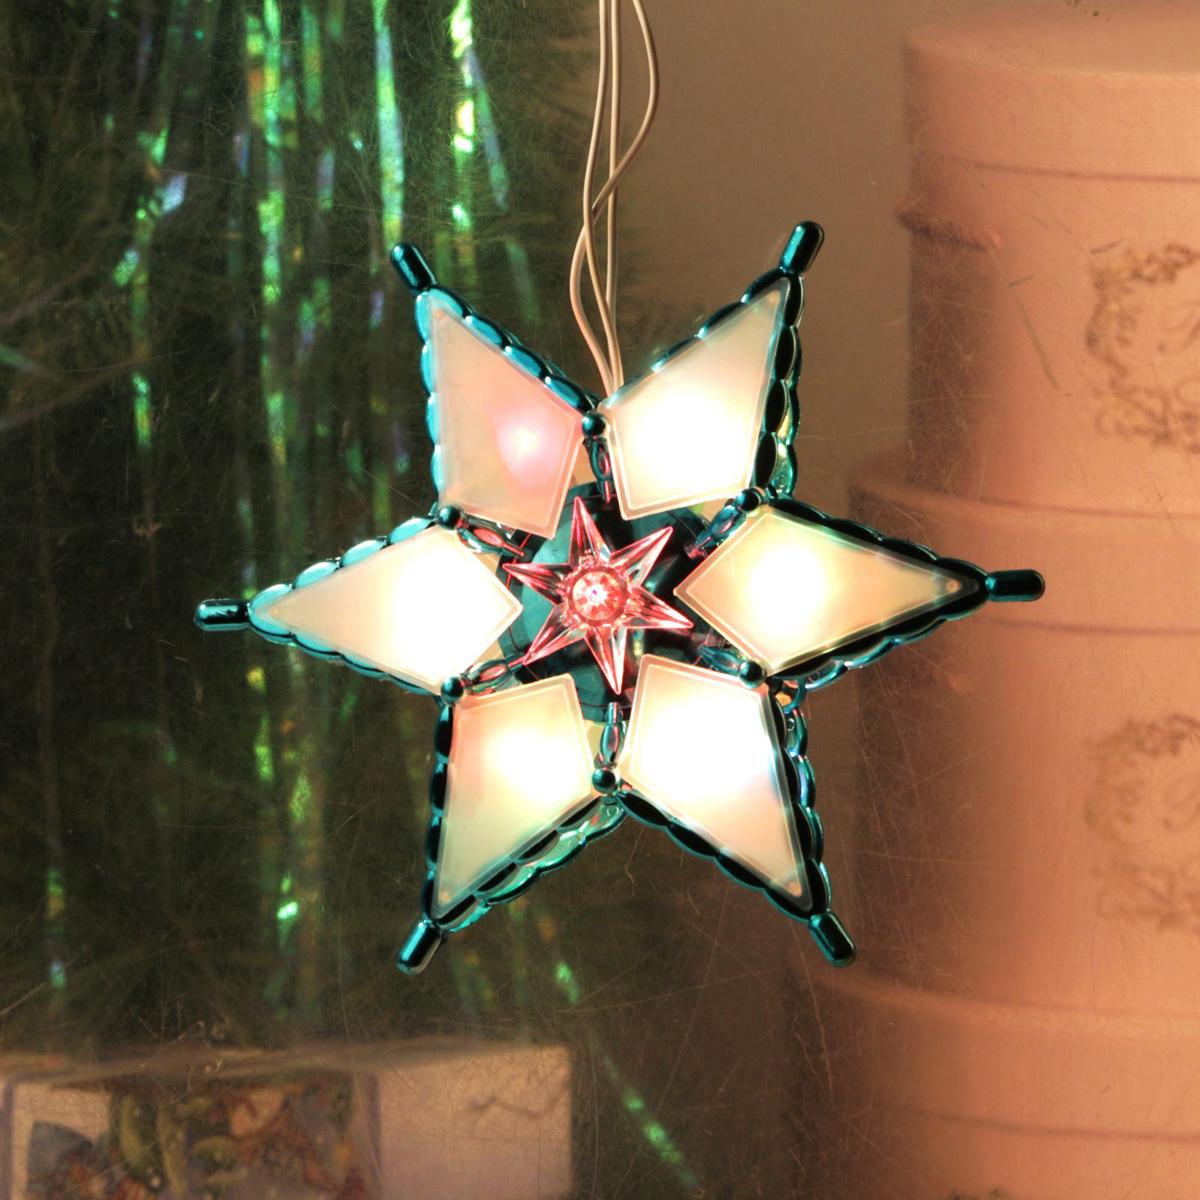 Фигурка новогодняя Luazon Звезда, диаметр 20 см2314968Невозможно представить себе современный мир без электроприборов.Благодаря качественным материалам и работе дизайнеров они способны сделатьнашу жизнь комфортнее и порадовать глаз. Прекрасный выбор, если вынаходитесь в поиске товара, который идеально впишется в ежедневную жизнь ипрослужит долго.